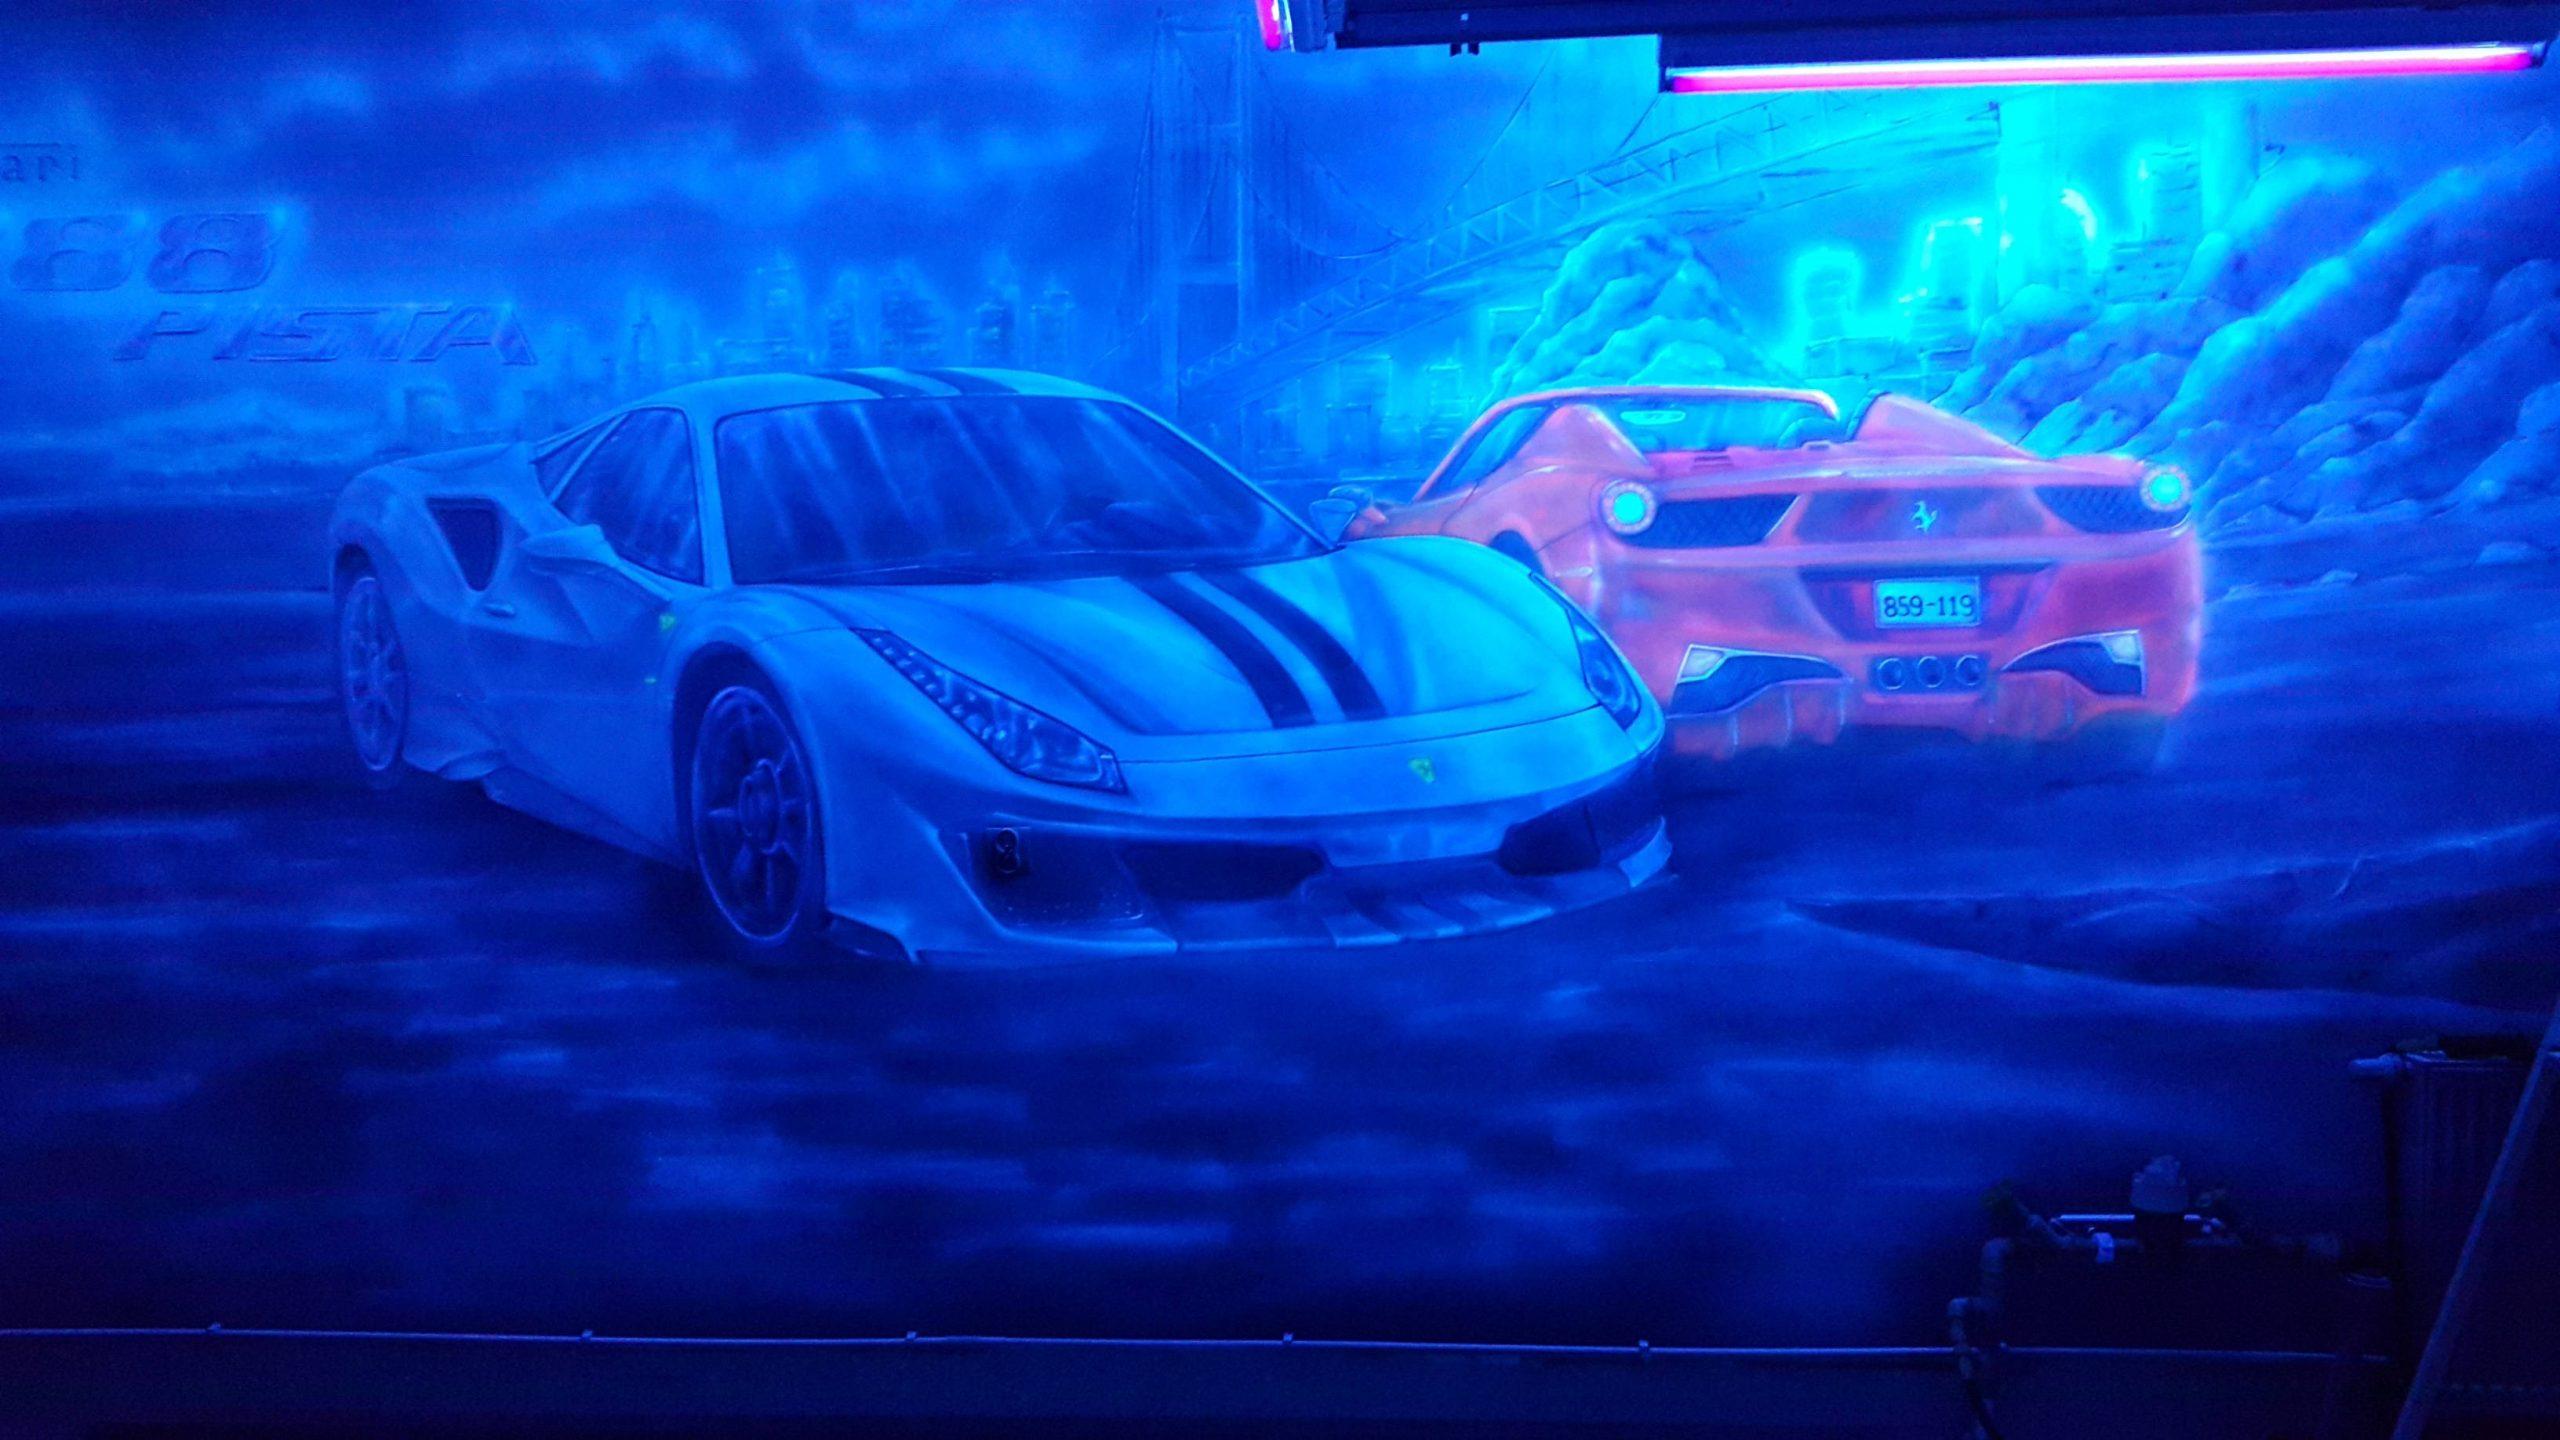 Malowane obrazu w ultrafiolecie na ścianie, obraz świecący w ciemności